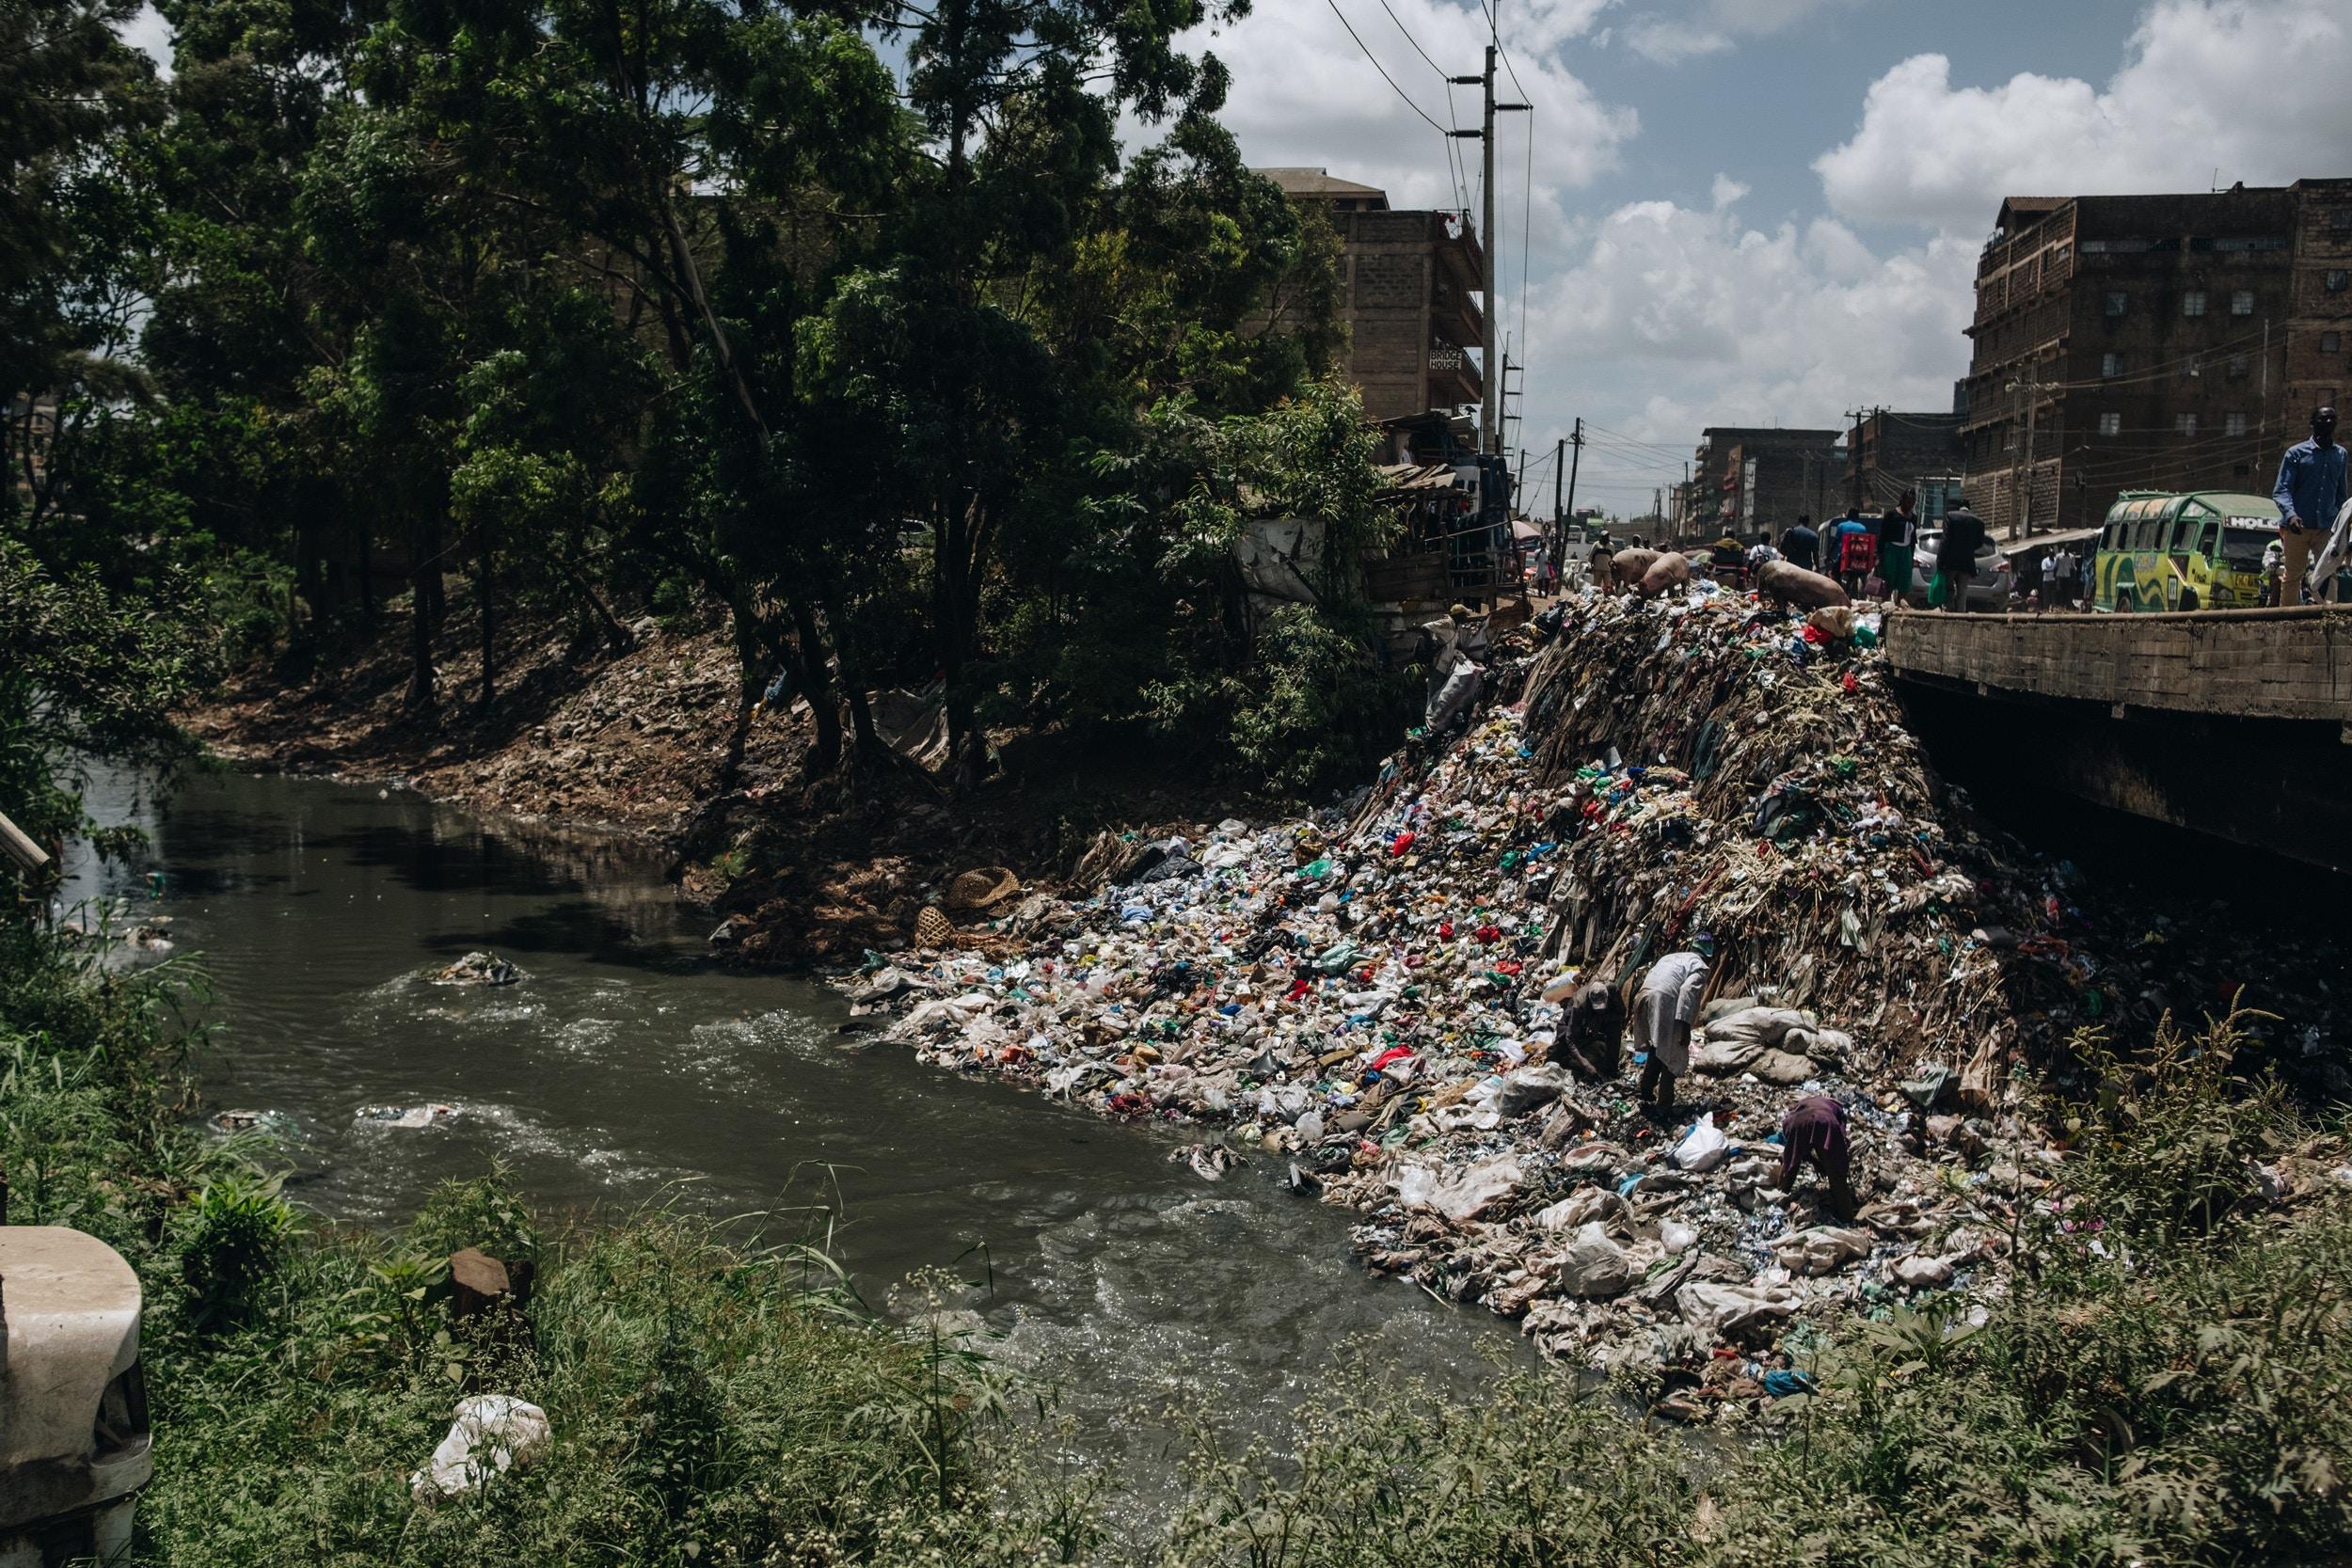 O desperdício de plástico cobre as margens do rio Nairobi em 15 de fevereiro de 2020. Embora o rio esteja poluído, é usado por moradores de assentamentos de baixa renda como fonte de água para a limpeza, banho e irrigação de culturas.